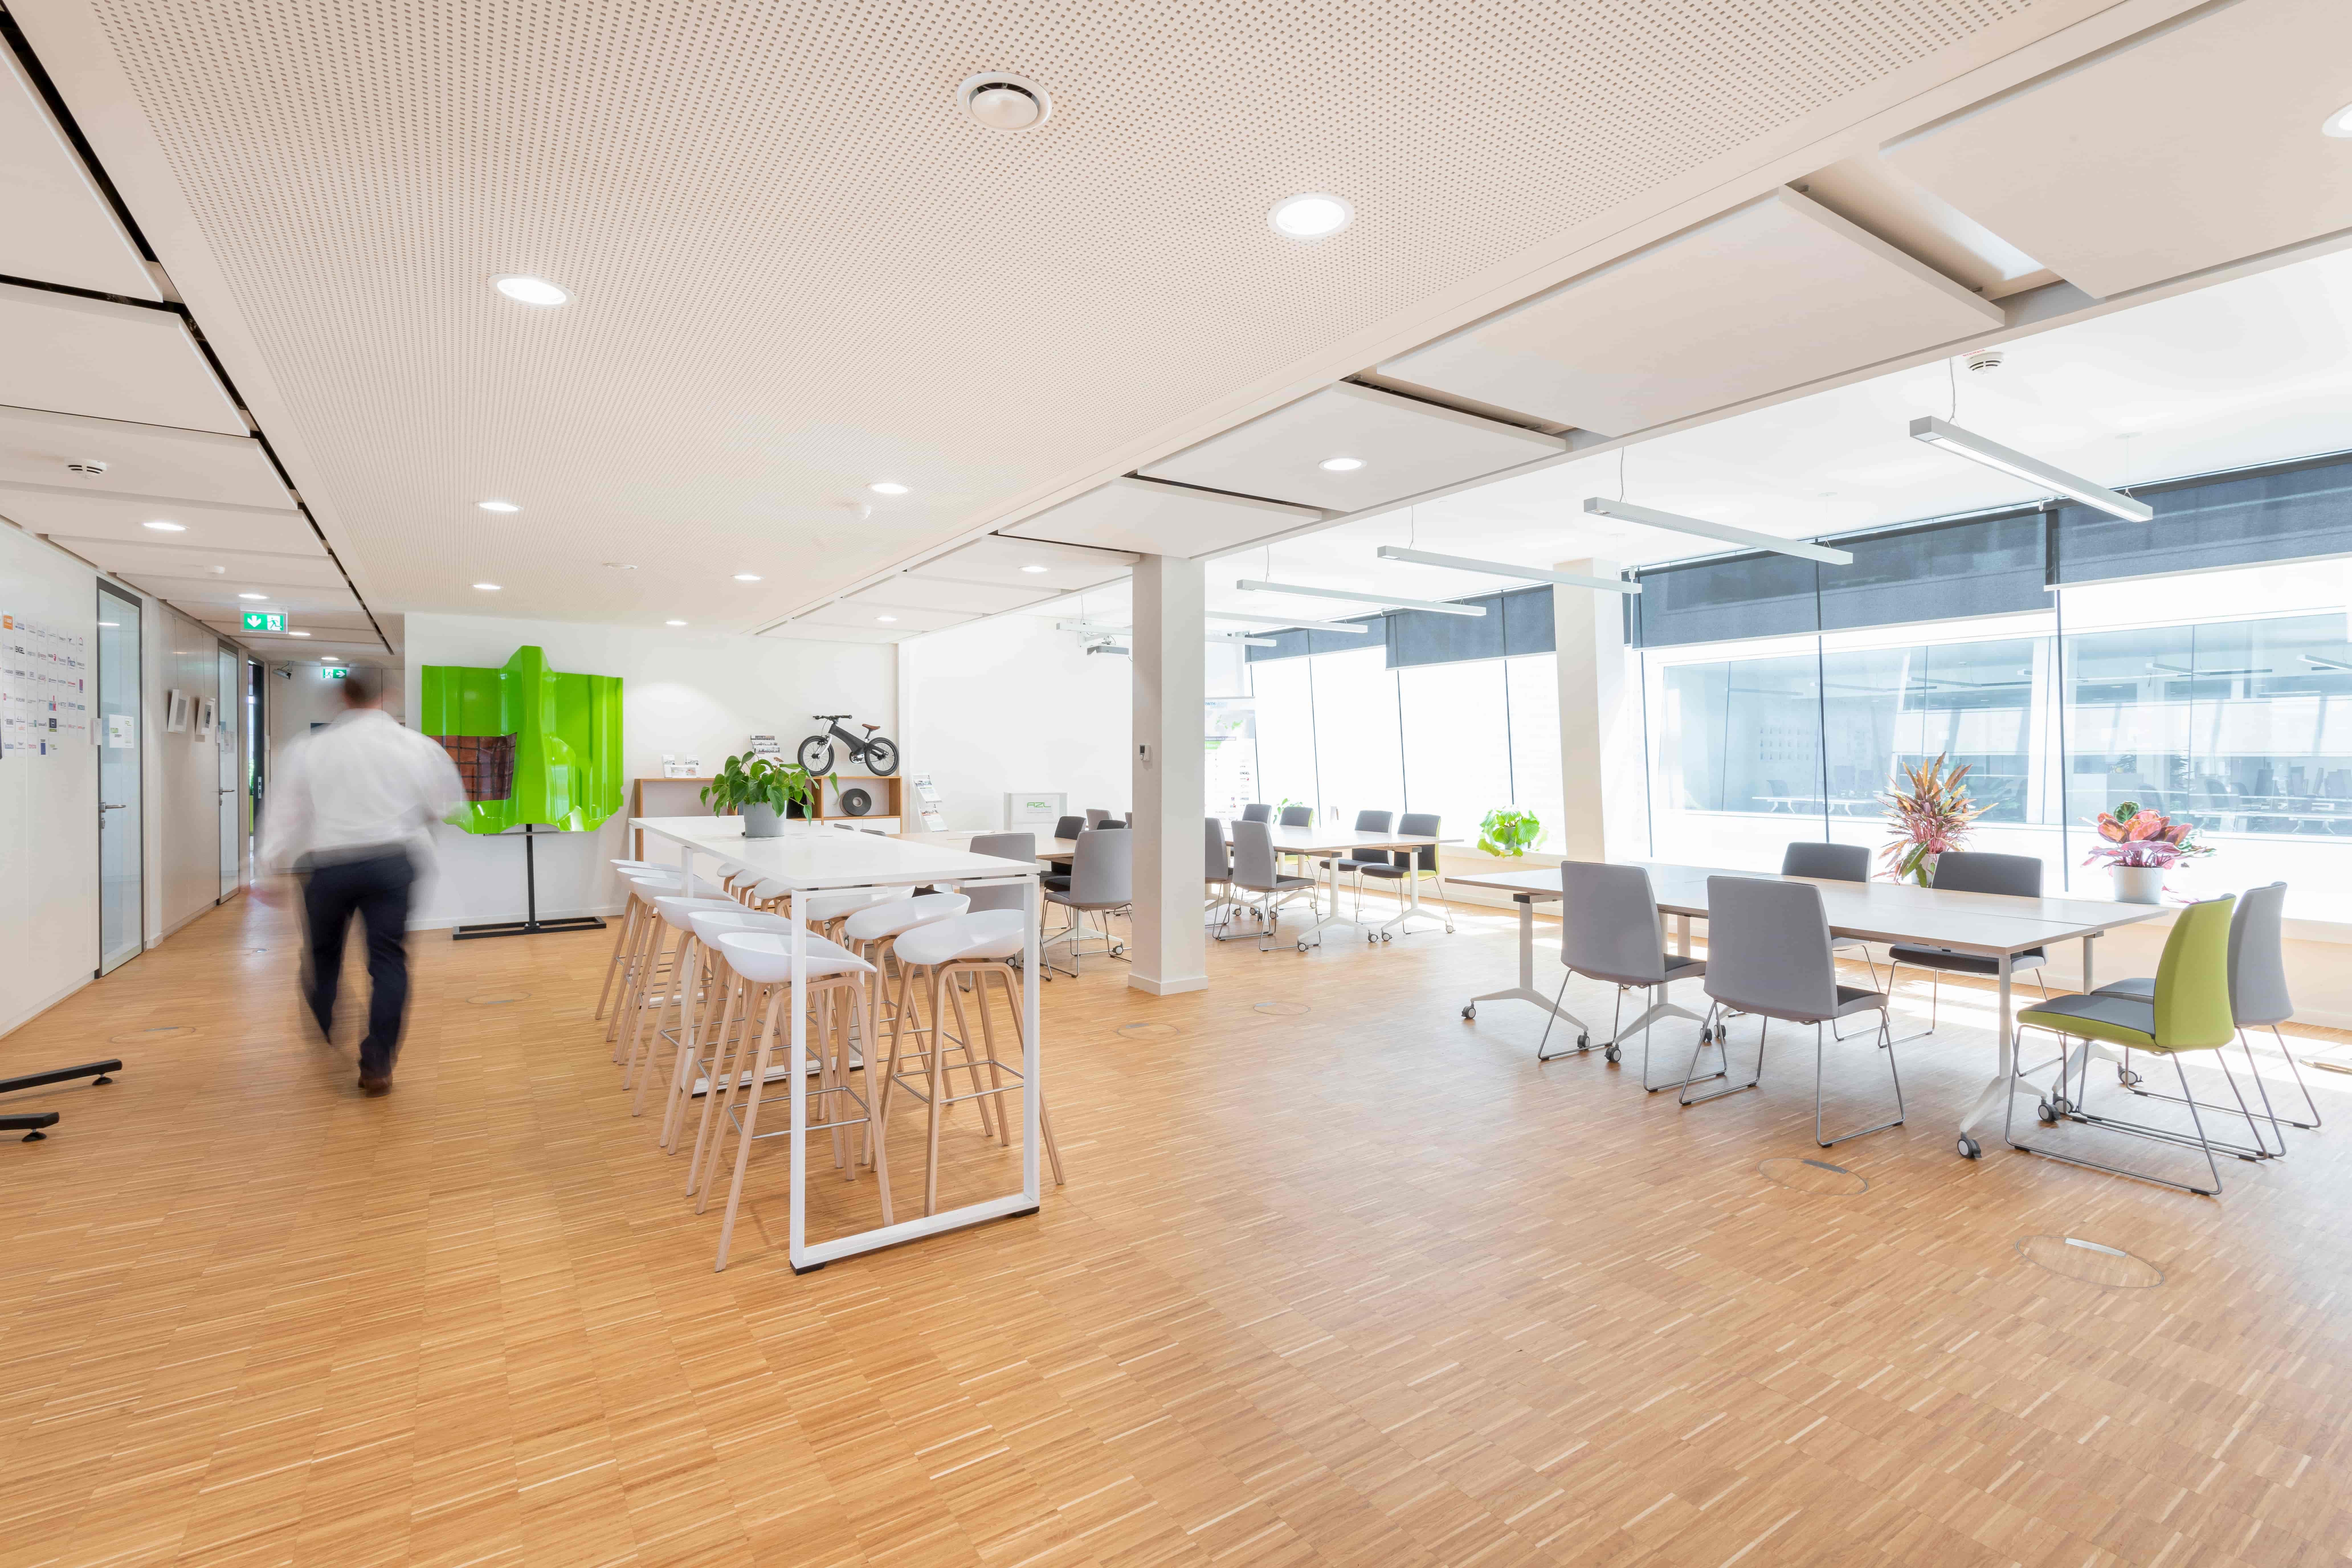 Büro_Image